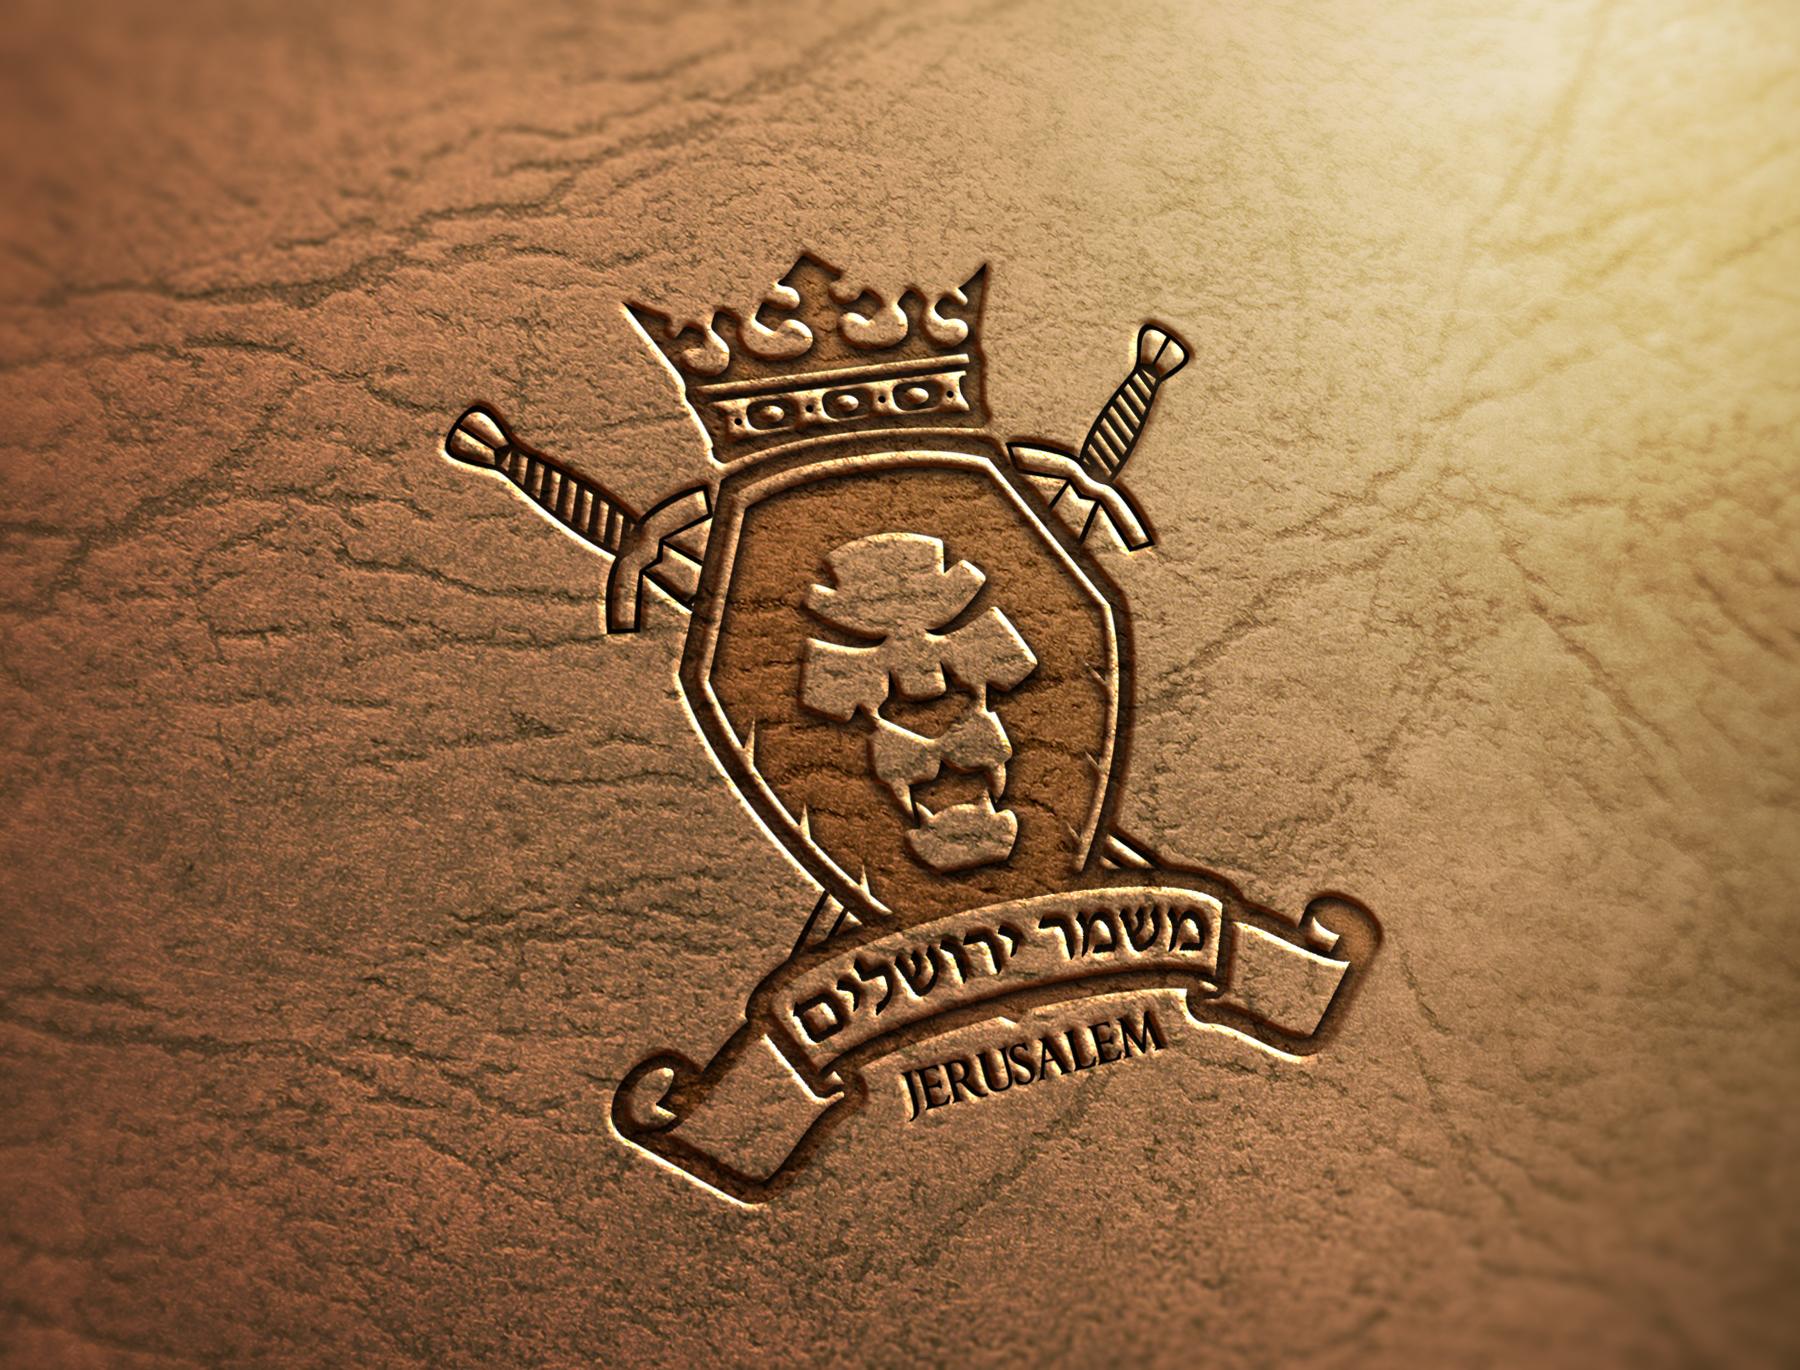 Разработка логотипа. Компания Страж Иерусалима фото f_45751e8a4c23b48a.jpg